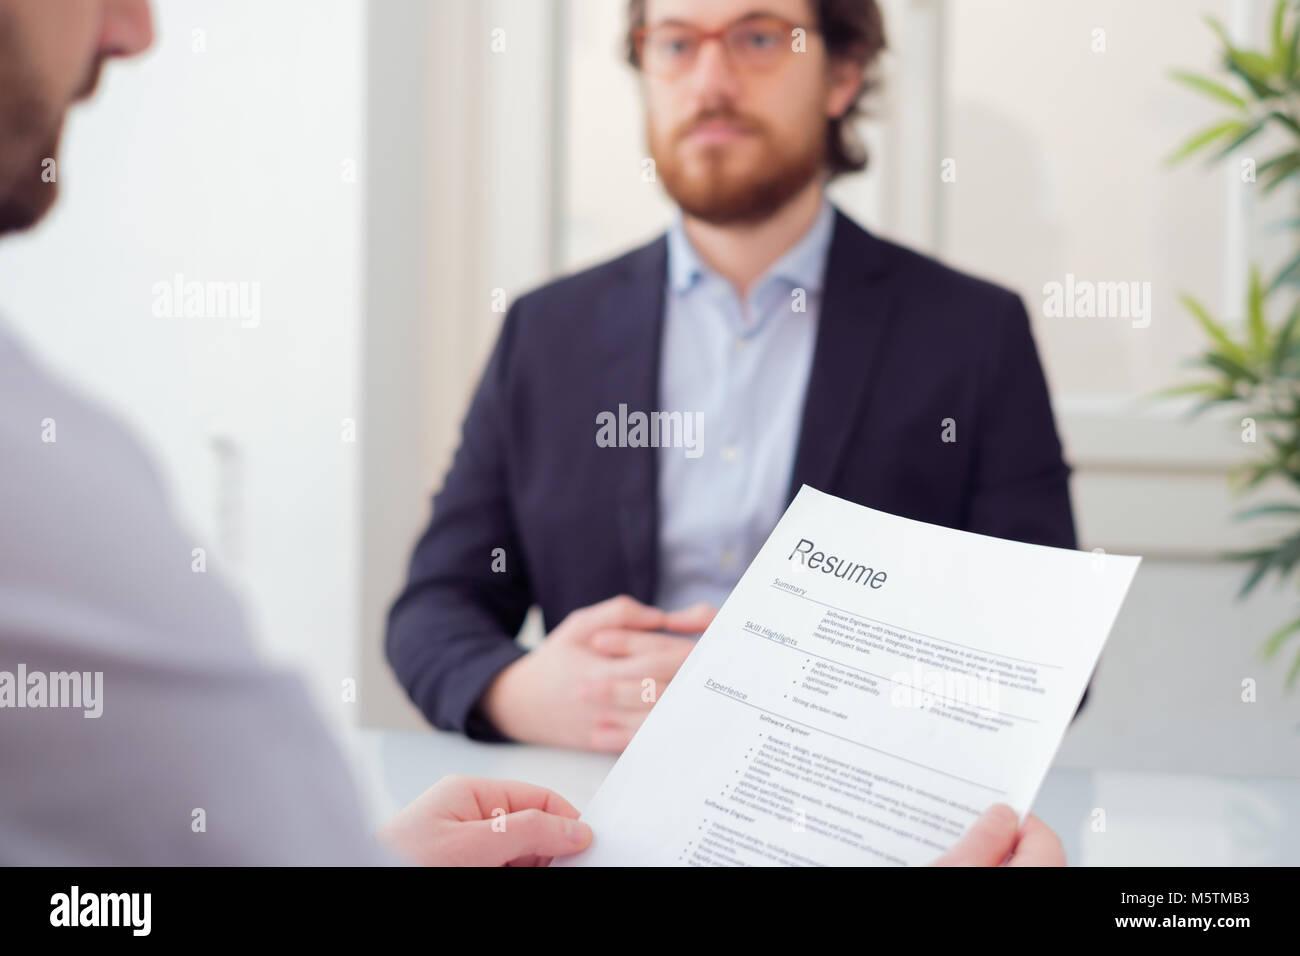 Reclutador leer currículum durante una entrevista de trabajo Foto de stock